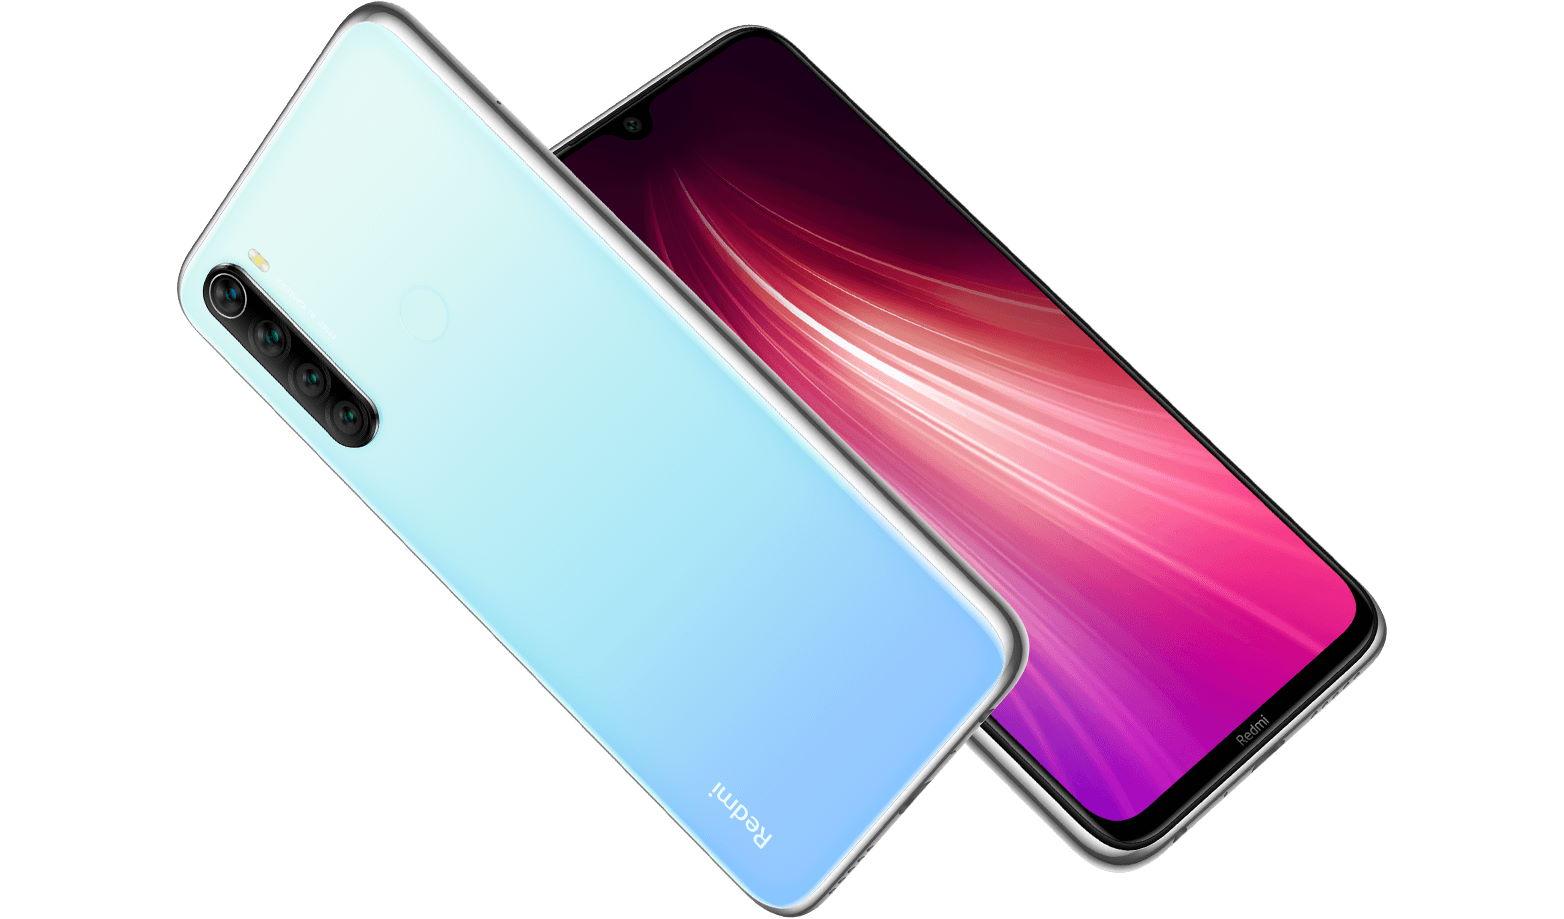 Le Mi Note 10 et le Redmi Note 8T révélés — Conférence Xiaomi